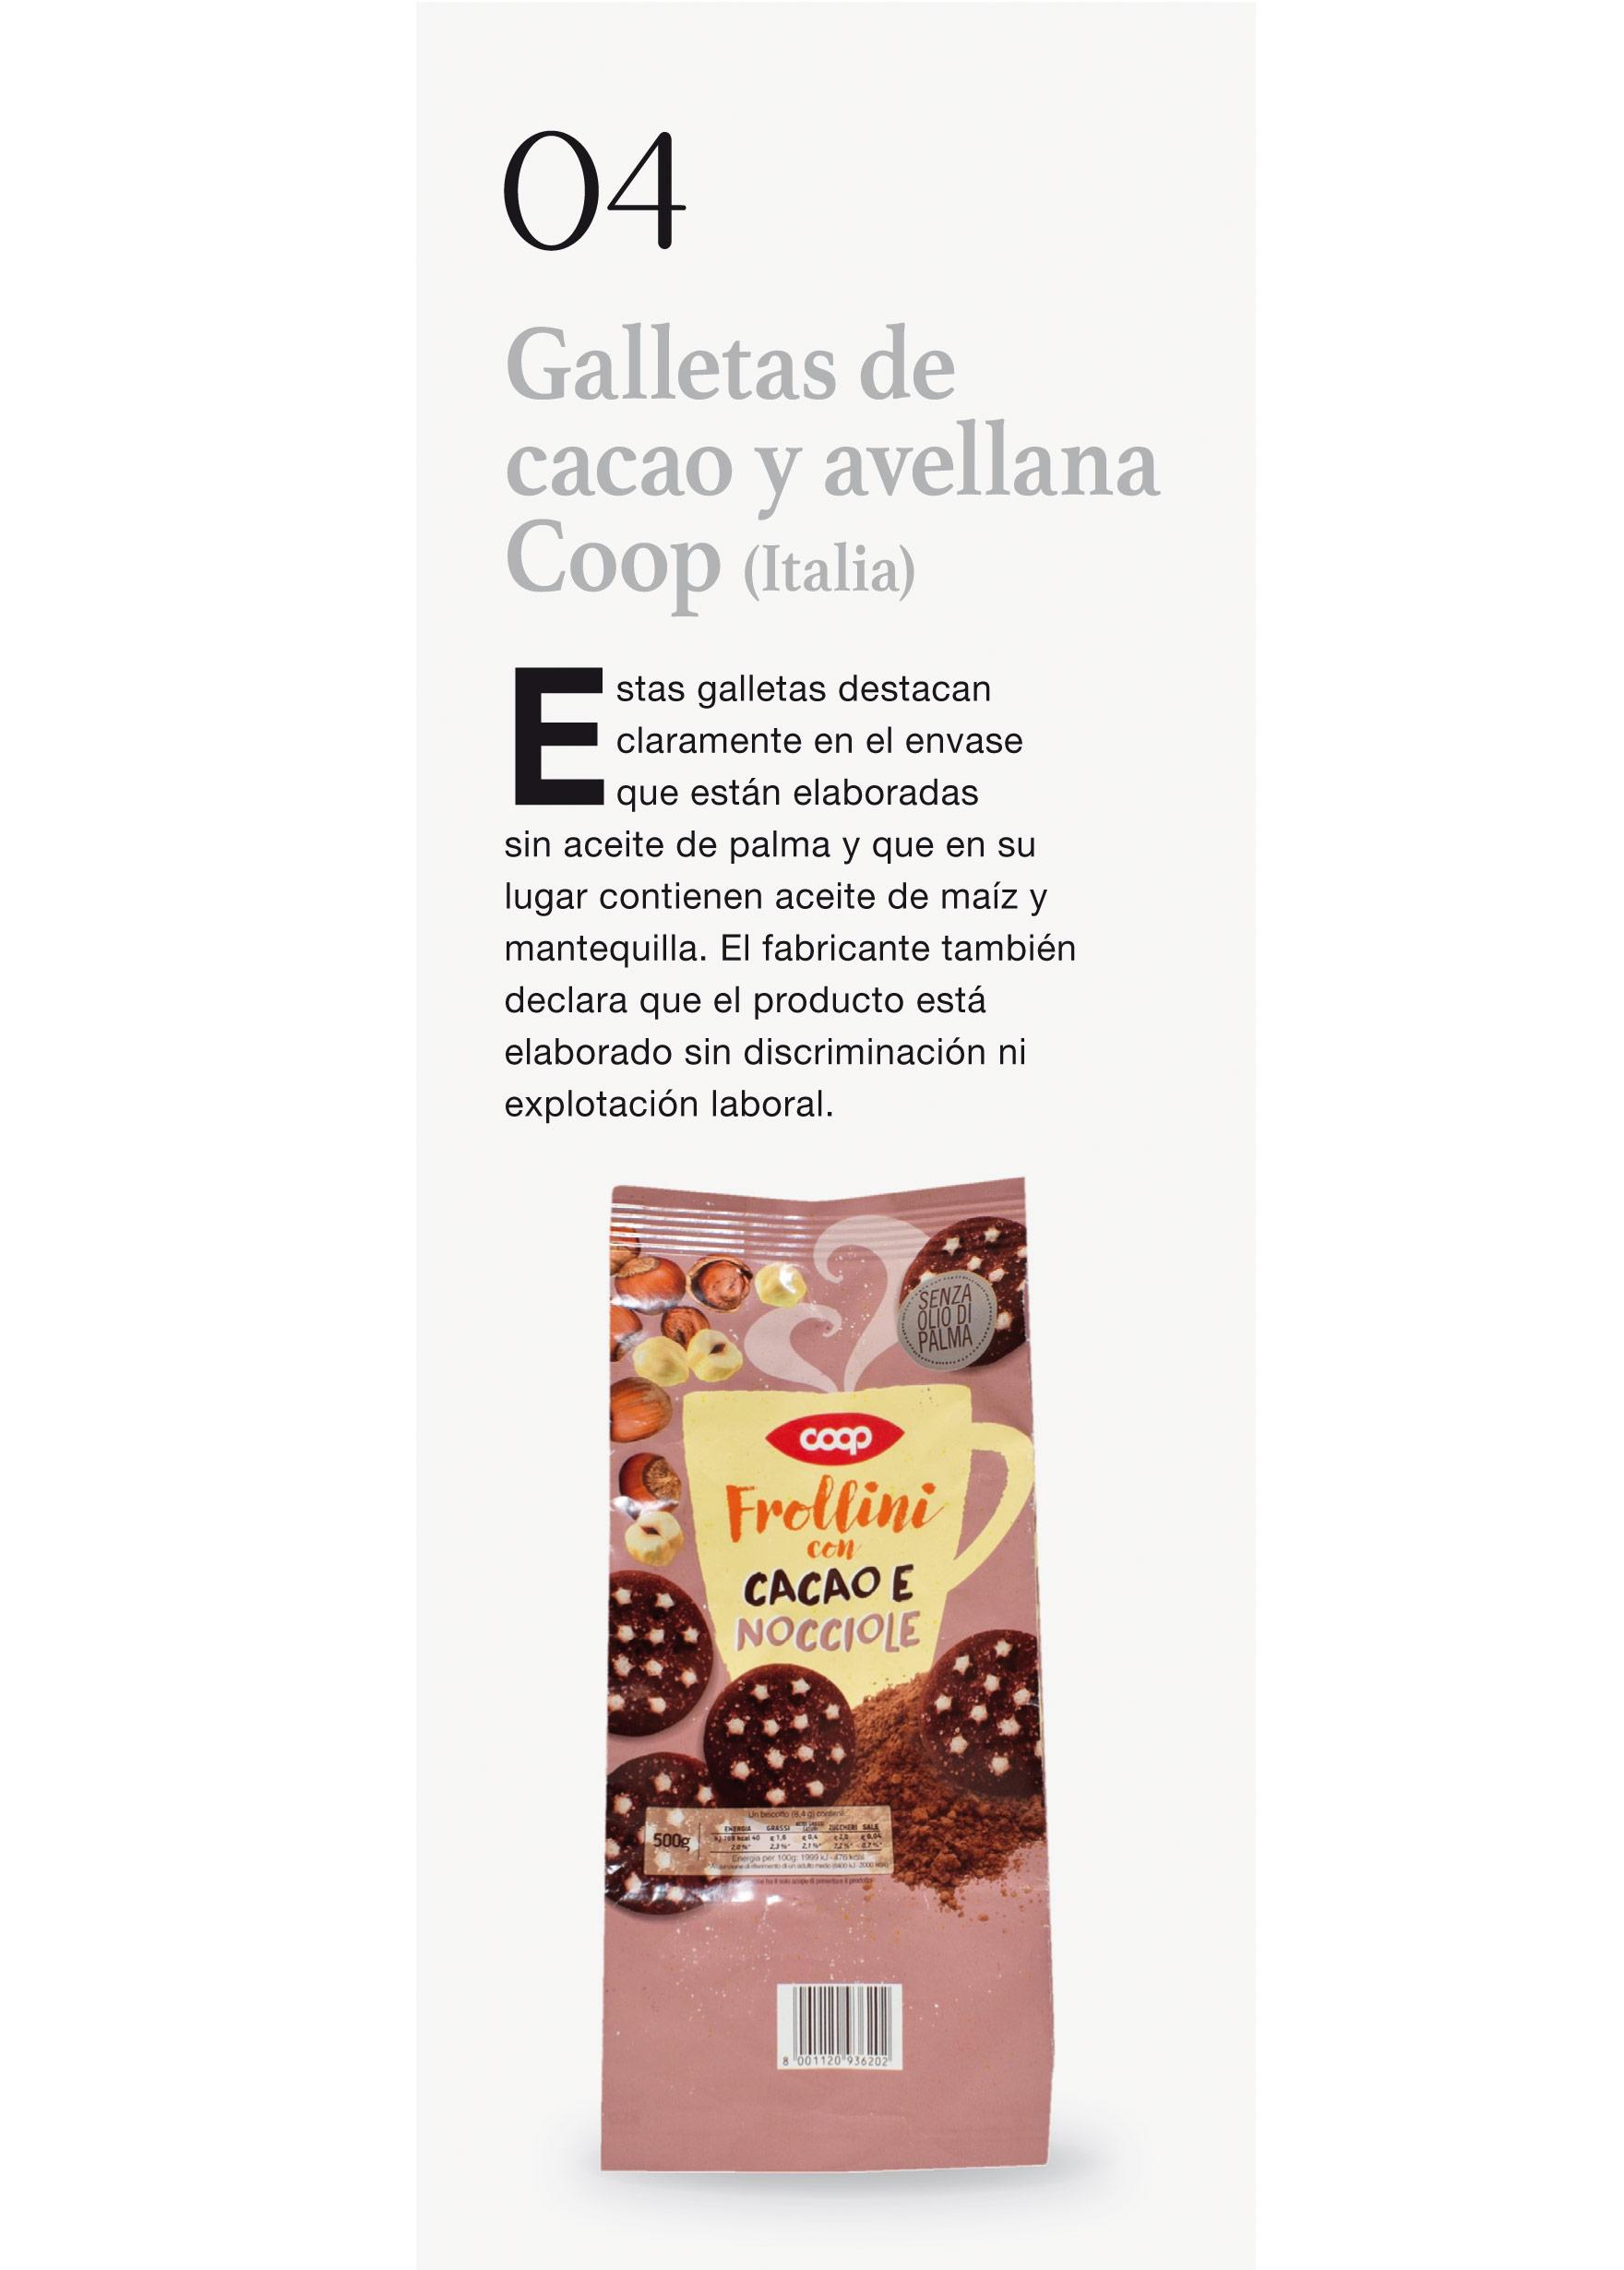 Galletas de cacao y avellana Coop (Italia)